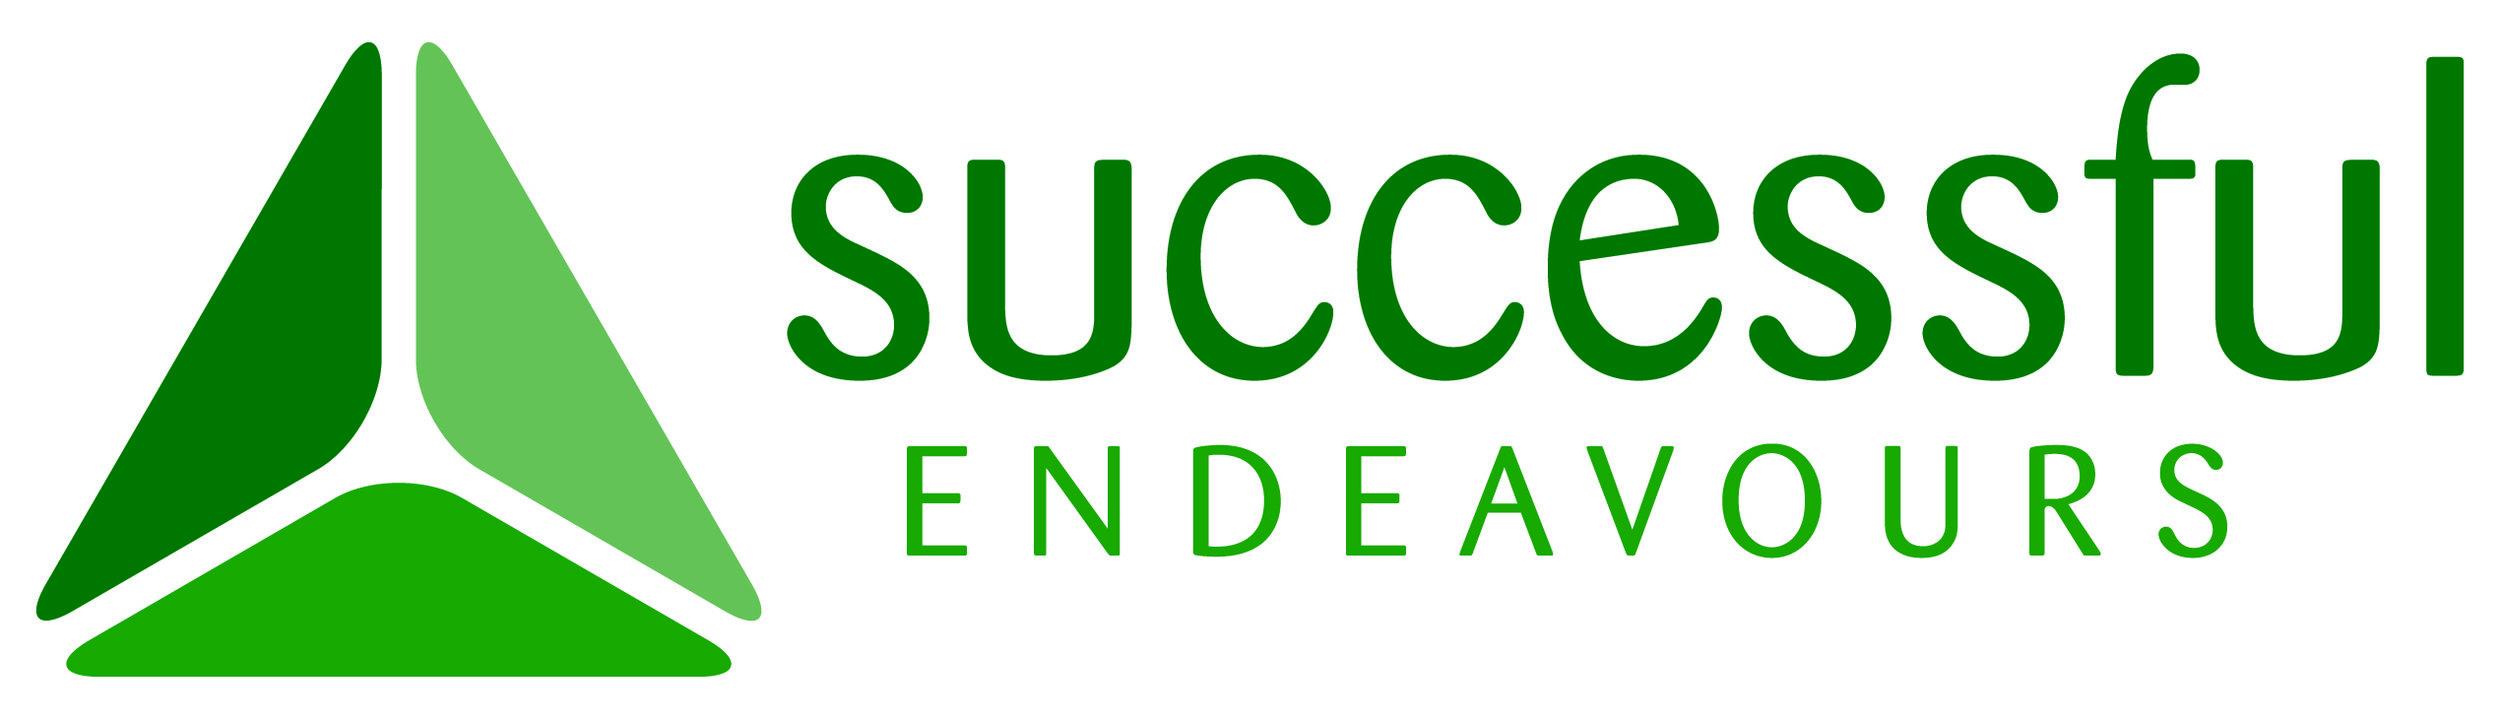 Succesful Endeavours